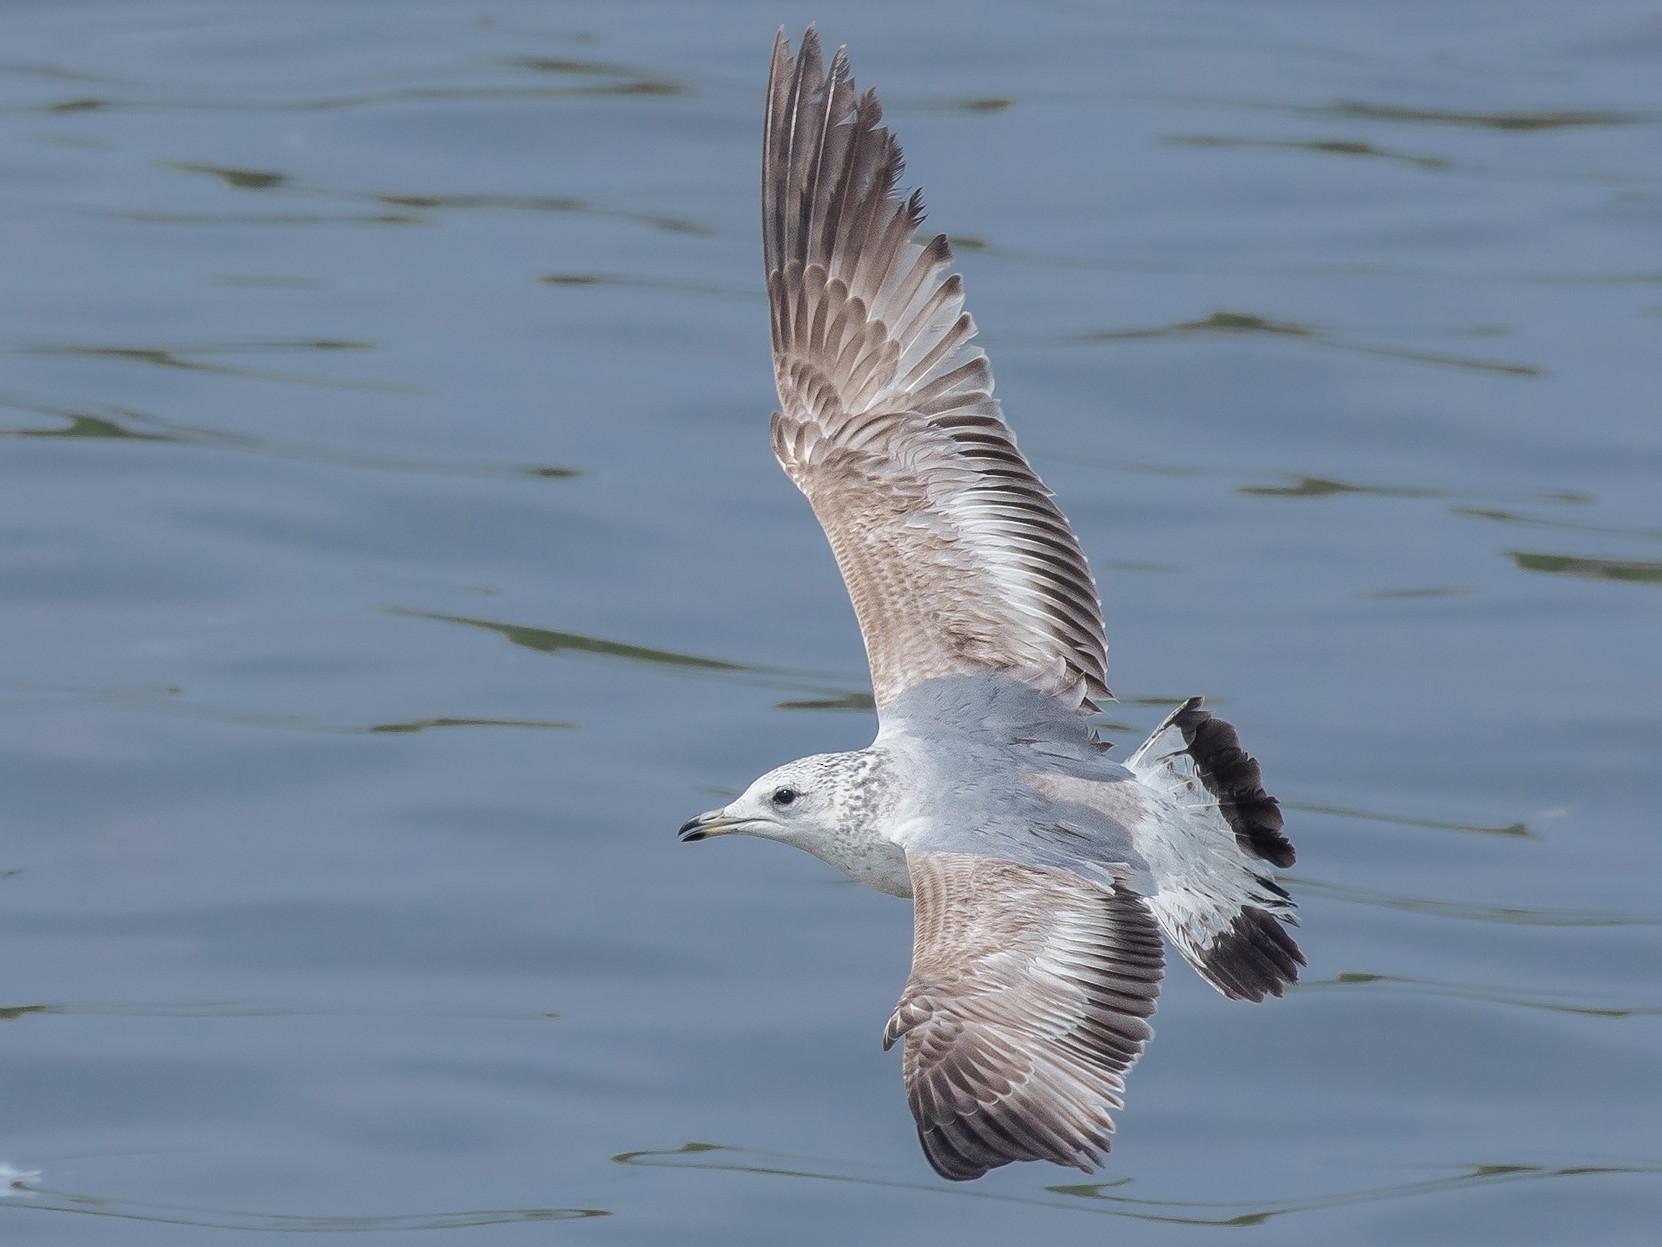 Common Gull - Natthaphat Chotjuckdikul